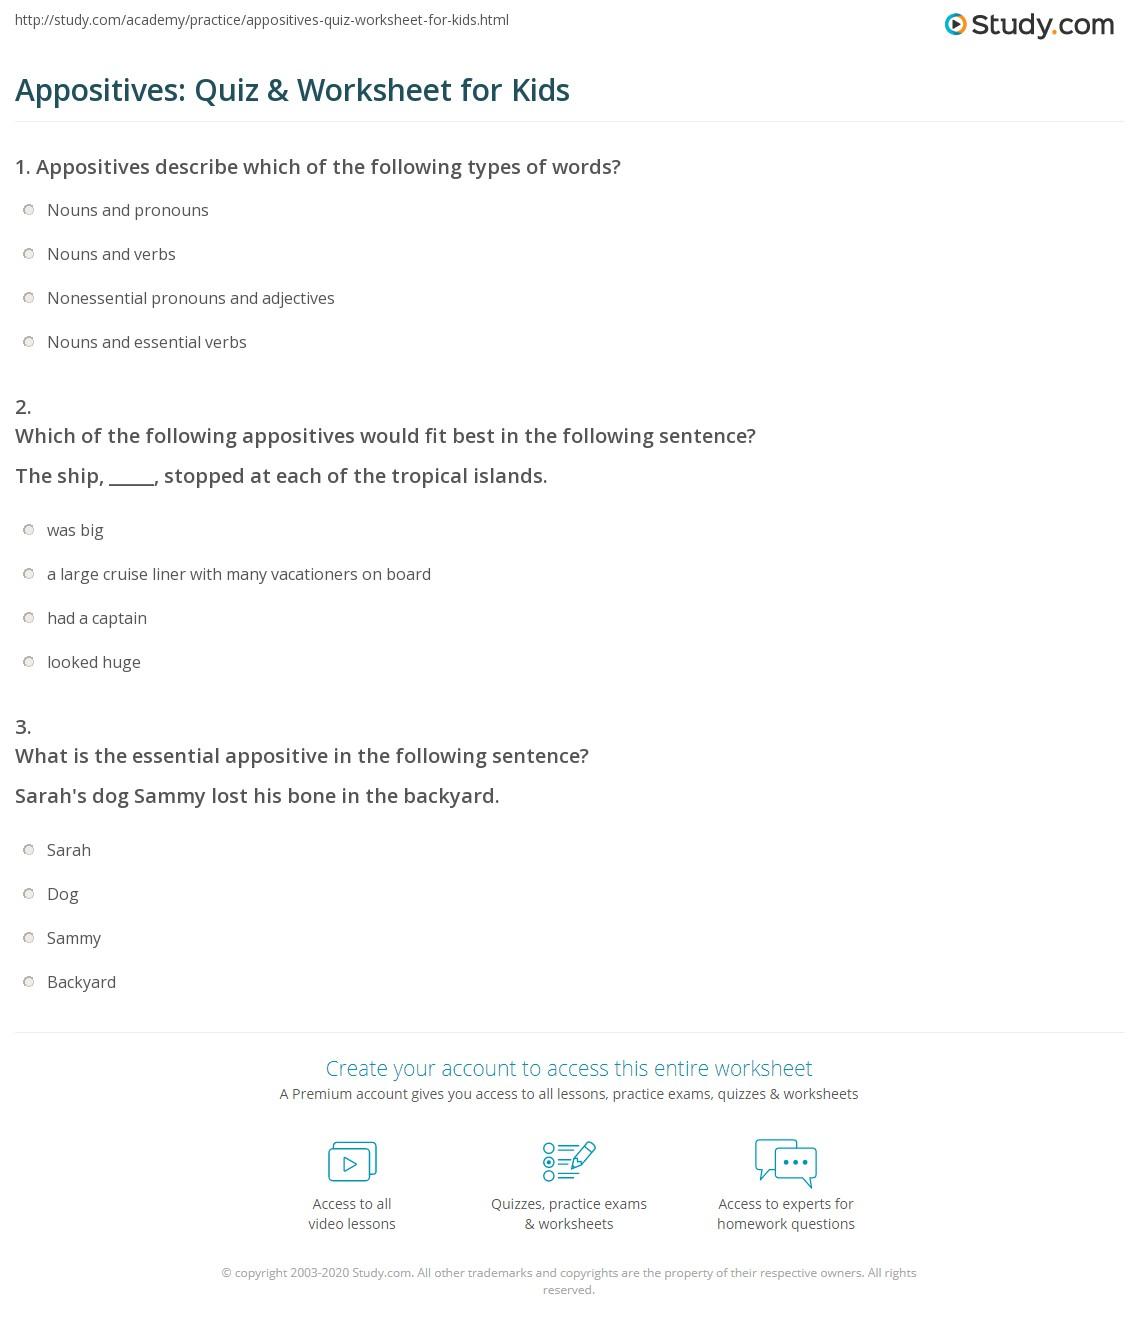 Appositives Quiz Amp Worksheet For Kids